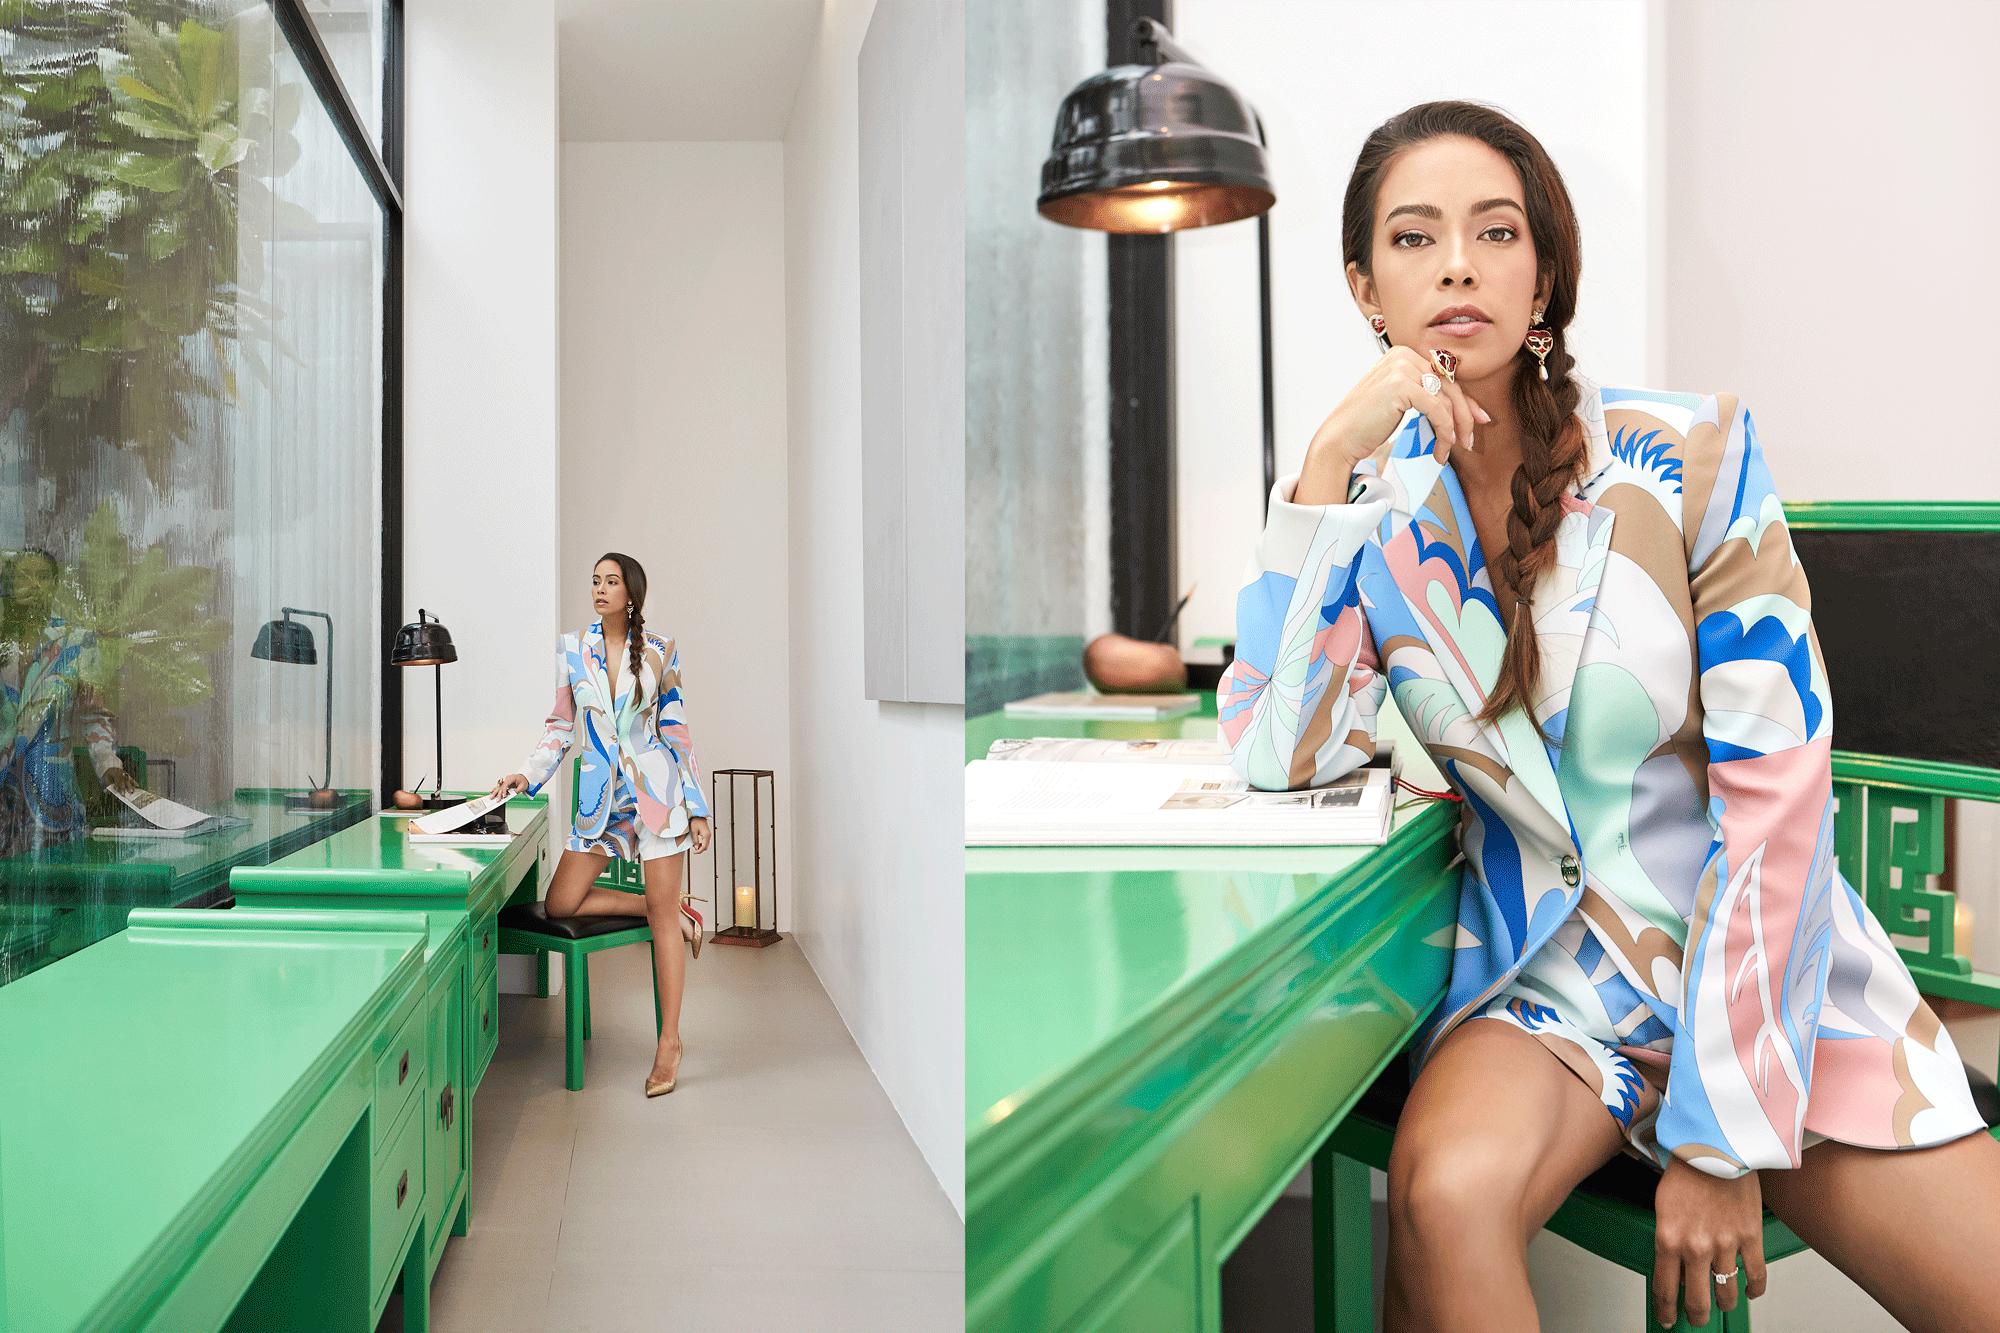 clothes : EMILIO PUCCI / accessories : 77th